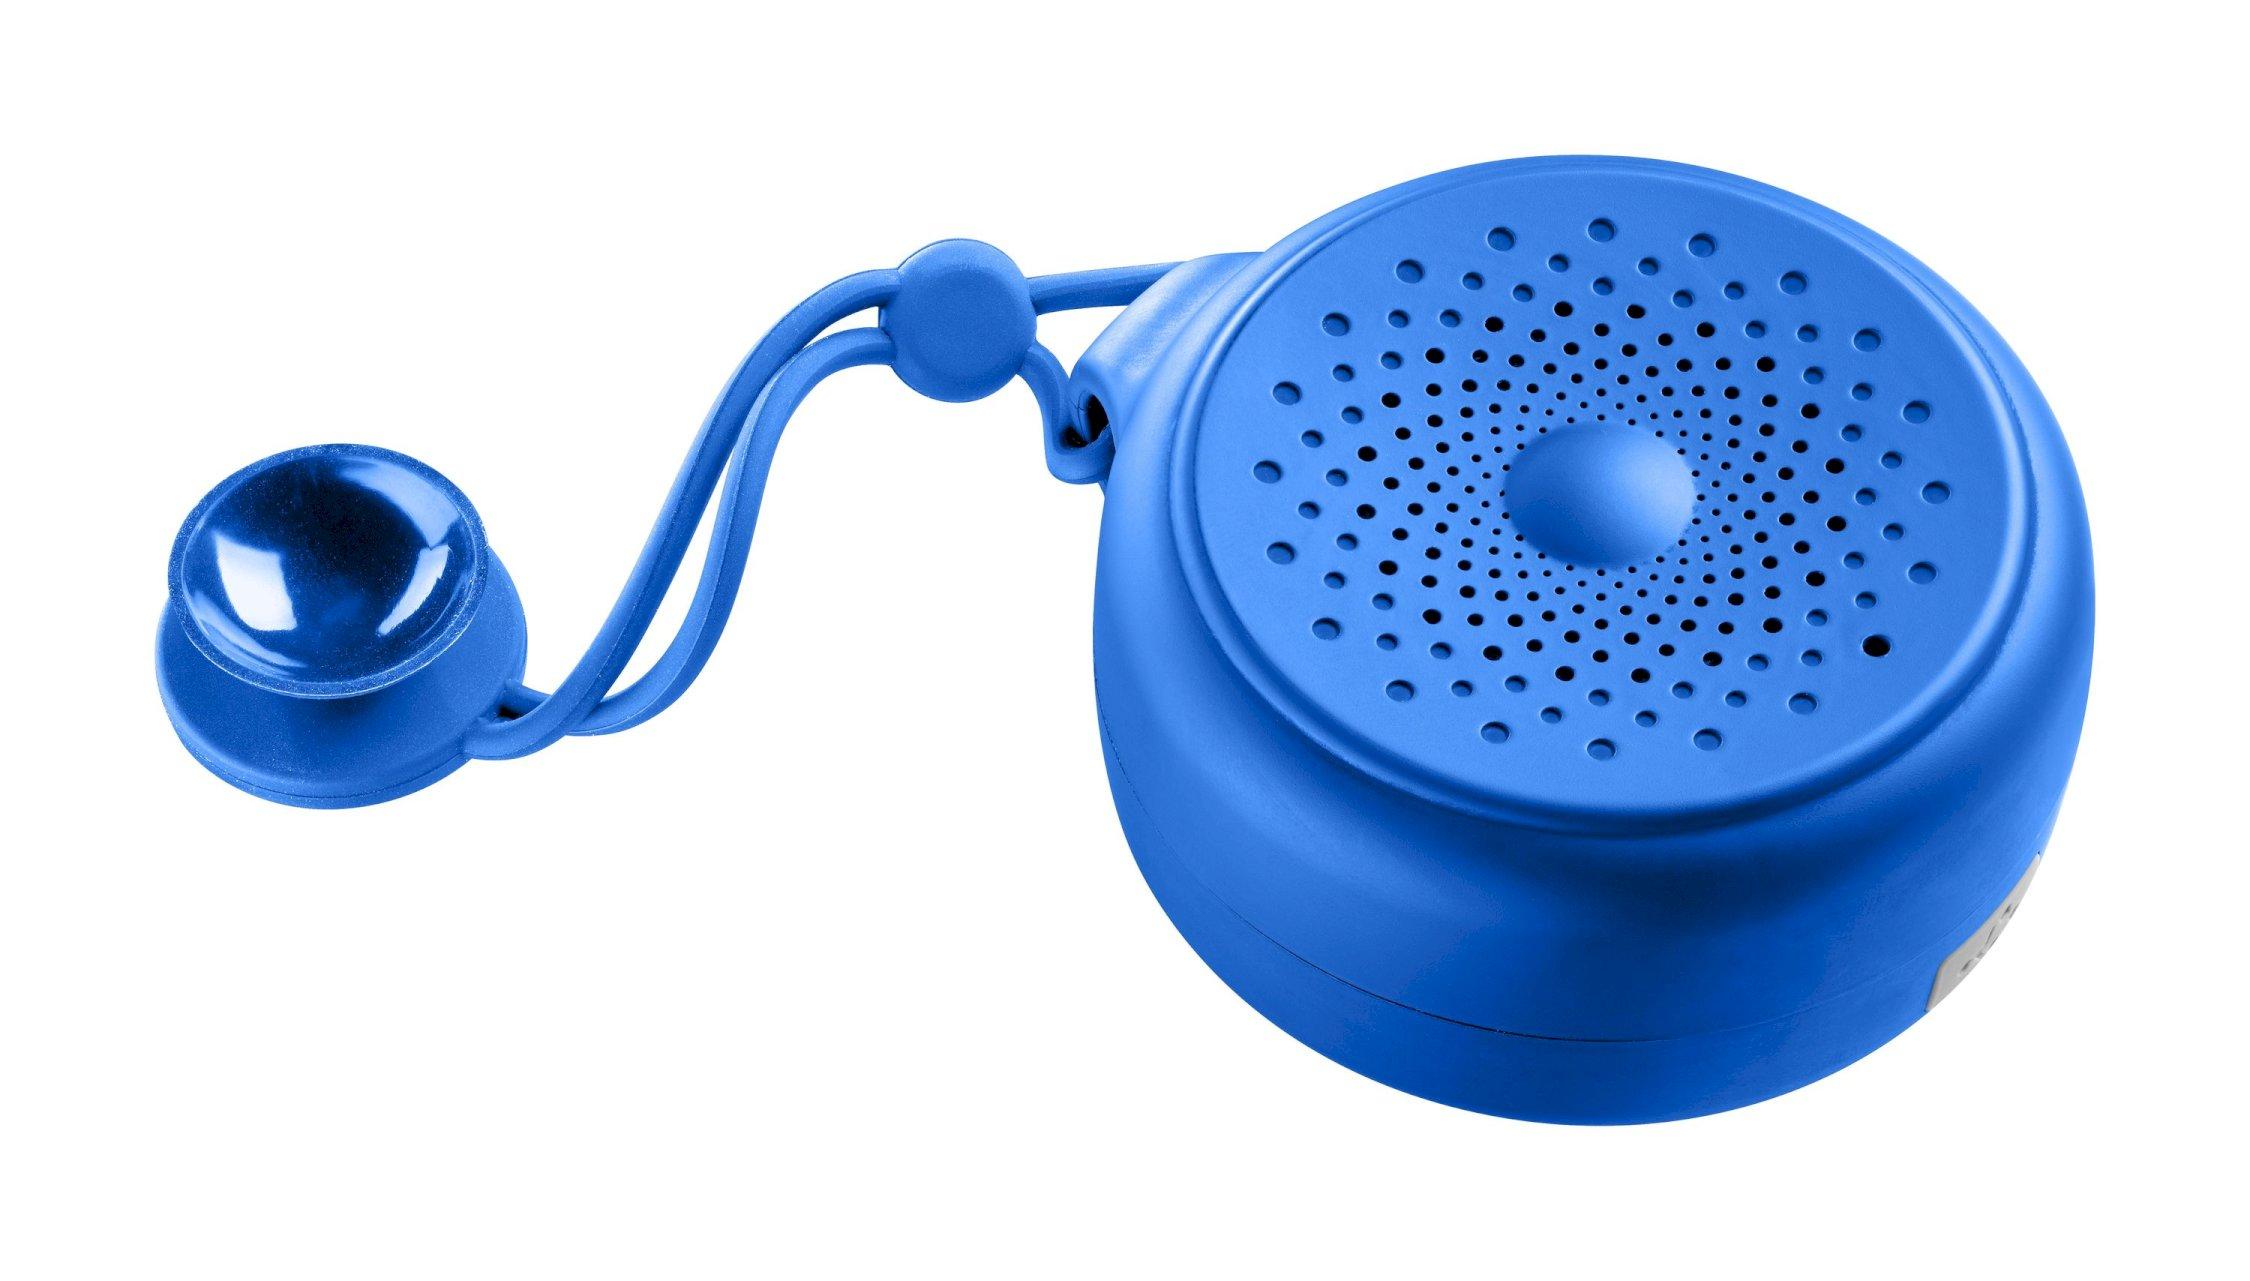 Speaker BT, speaker shower BT, blue